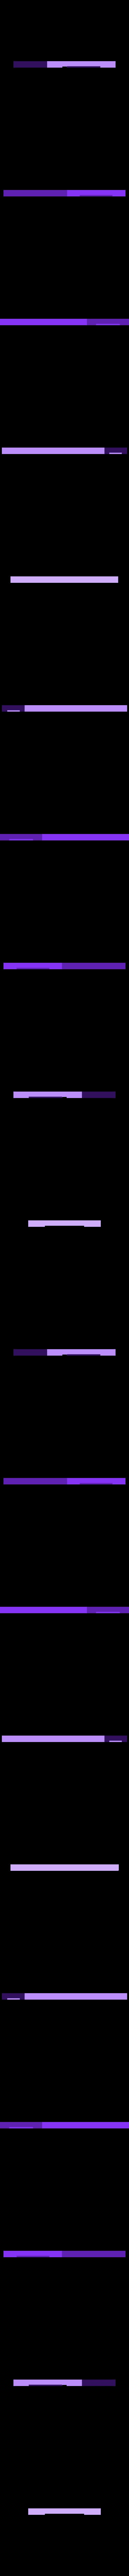 y2.STL Télécharger fichier STL gratuit Rooter CNC simple • Plan pour imprimante 3D, TheTNR